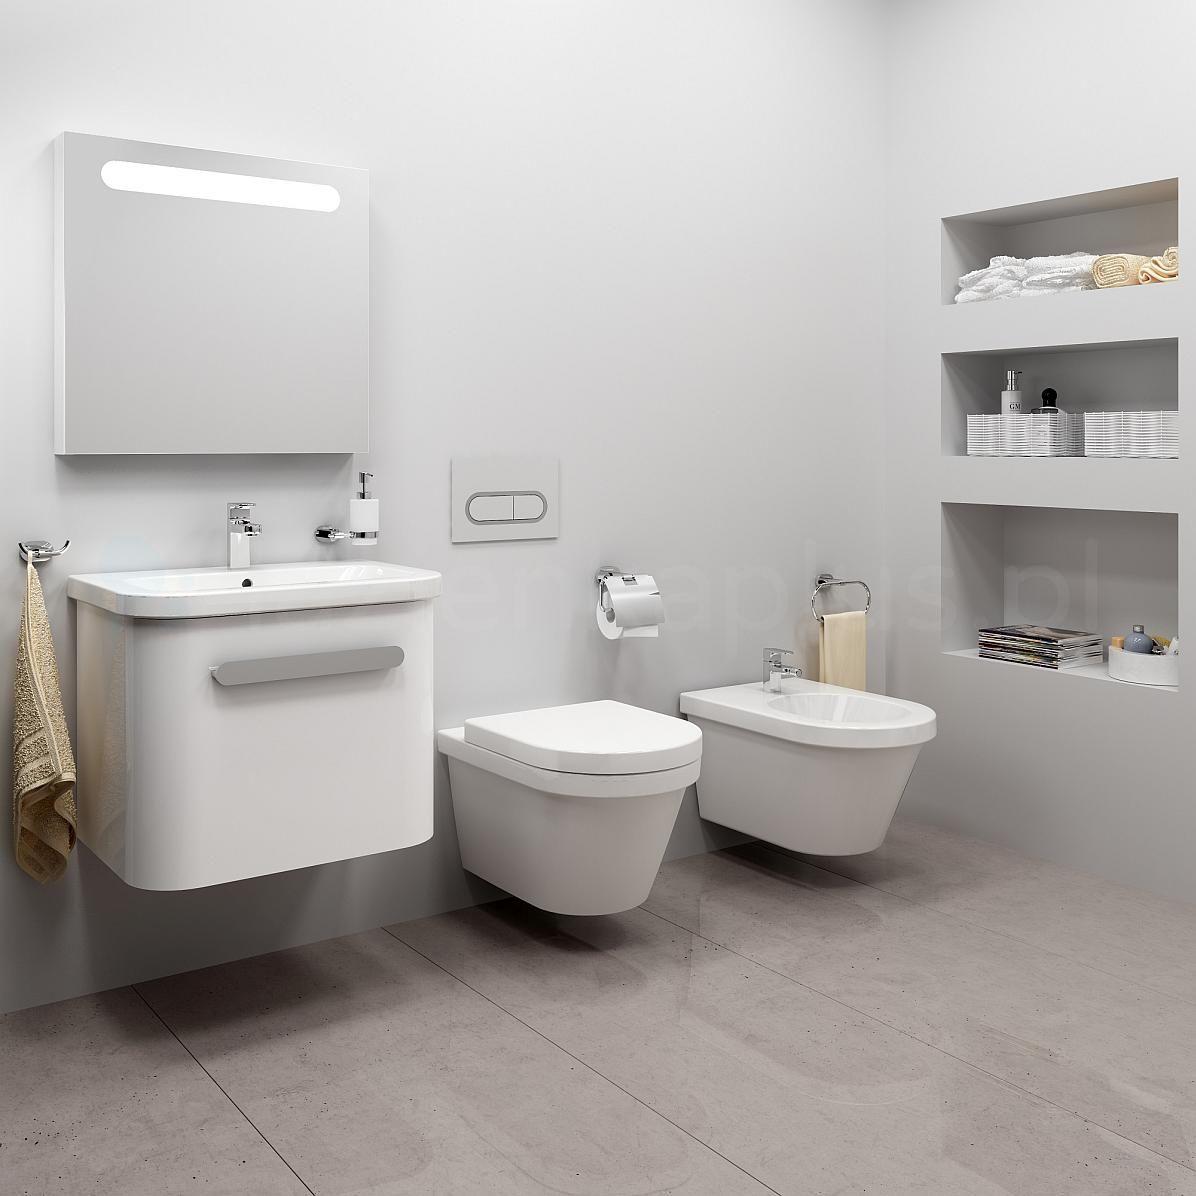 Łazienka z białymi meblami